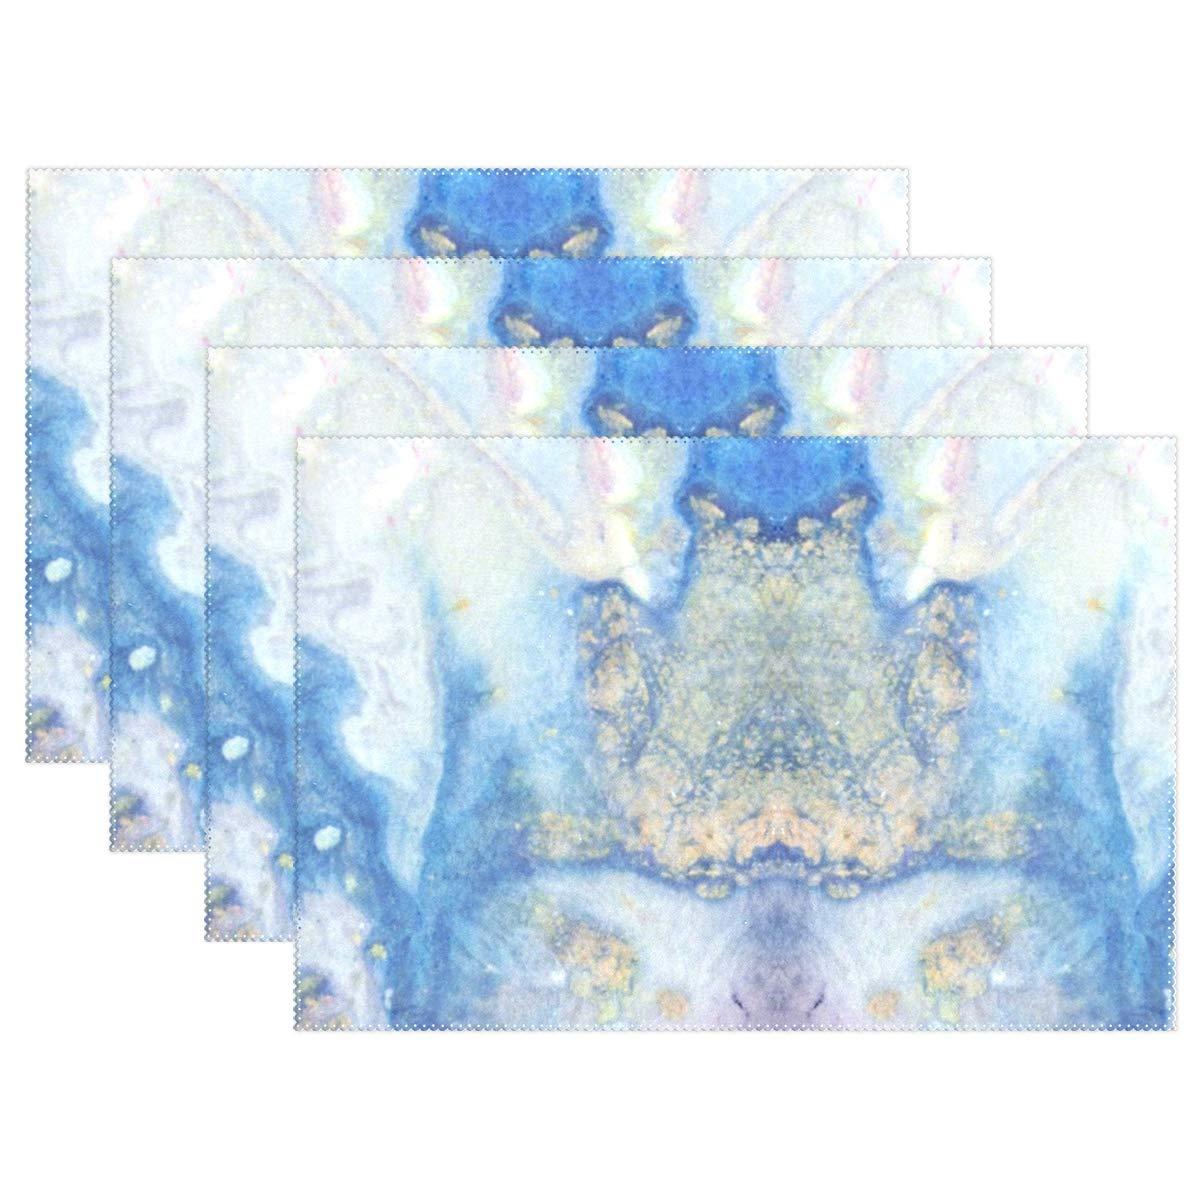 Lambbd Lewissq Abstract Galaxy 大理石 ダイニング 耐熱 プレースマット 汚れにくい 滑り止め 洗濯可能 キッチンテーブルマット 12x18インチ 12x18x4 in ブラック 12x18x4 in  B07L2WJGCG